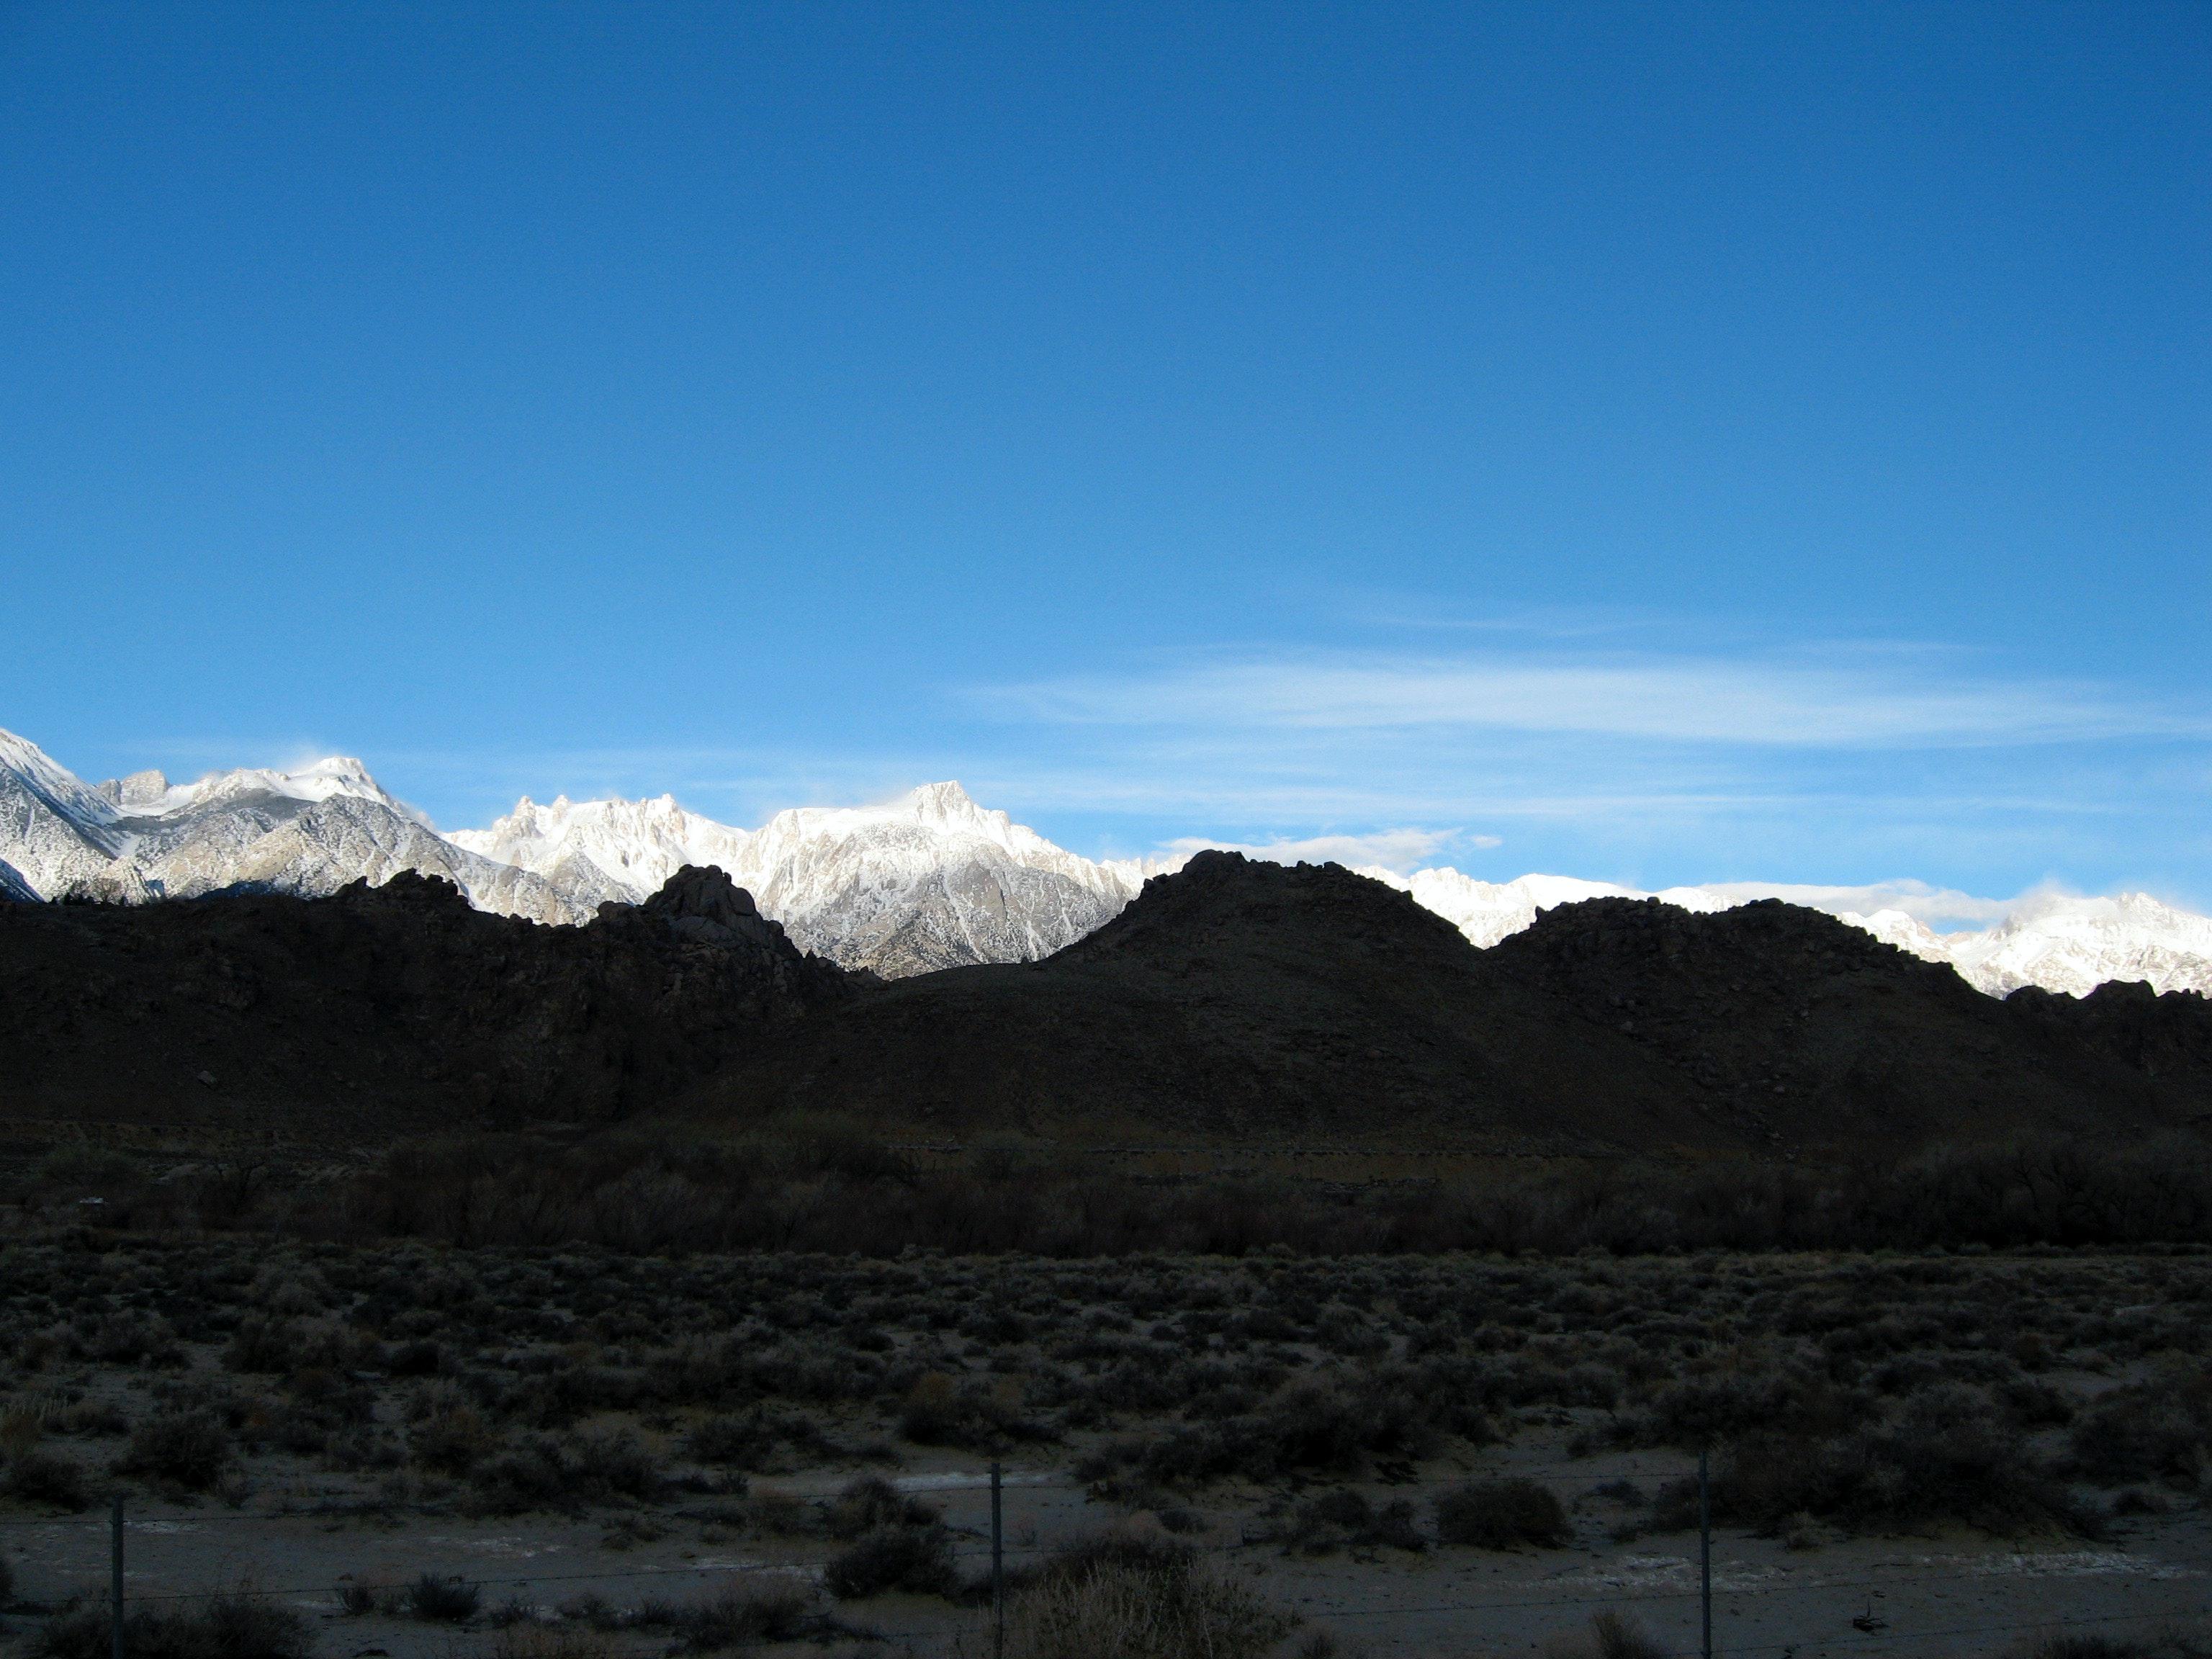 Free stock photo of desert, mountains, snow